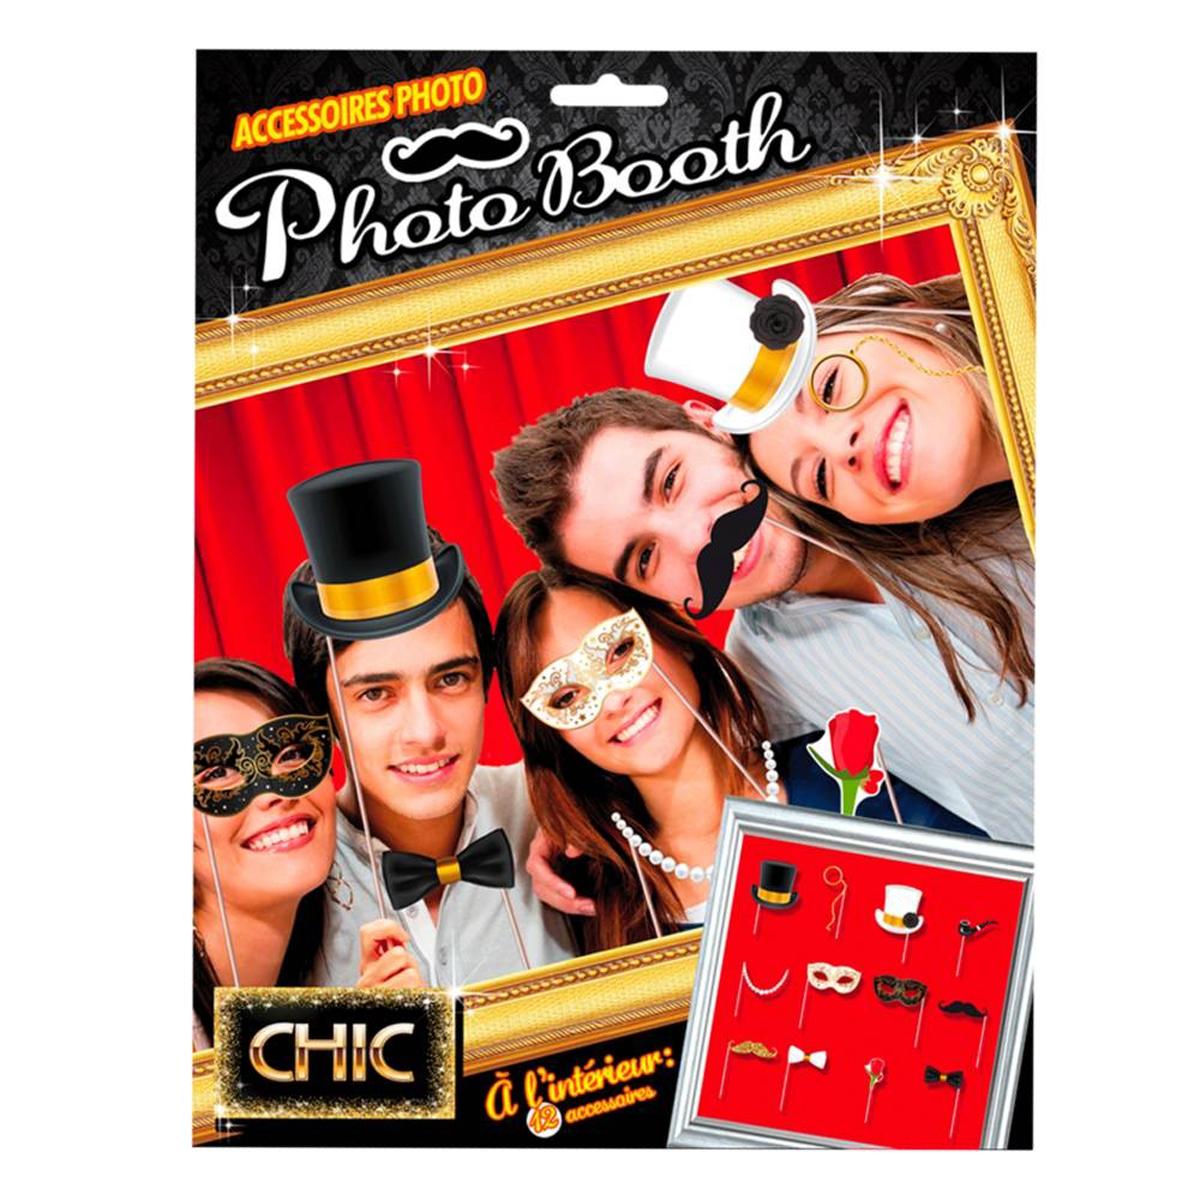 Accessoires photobooth \'Chic party\' noir doré blanc -12 pièces (masques chapeaux) - [P0275]